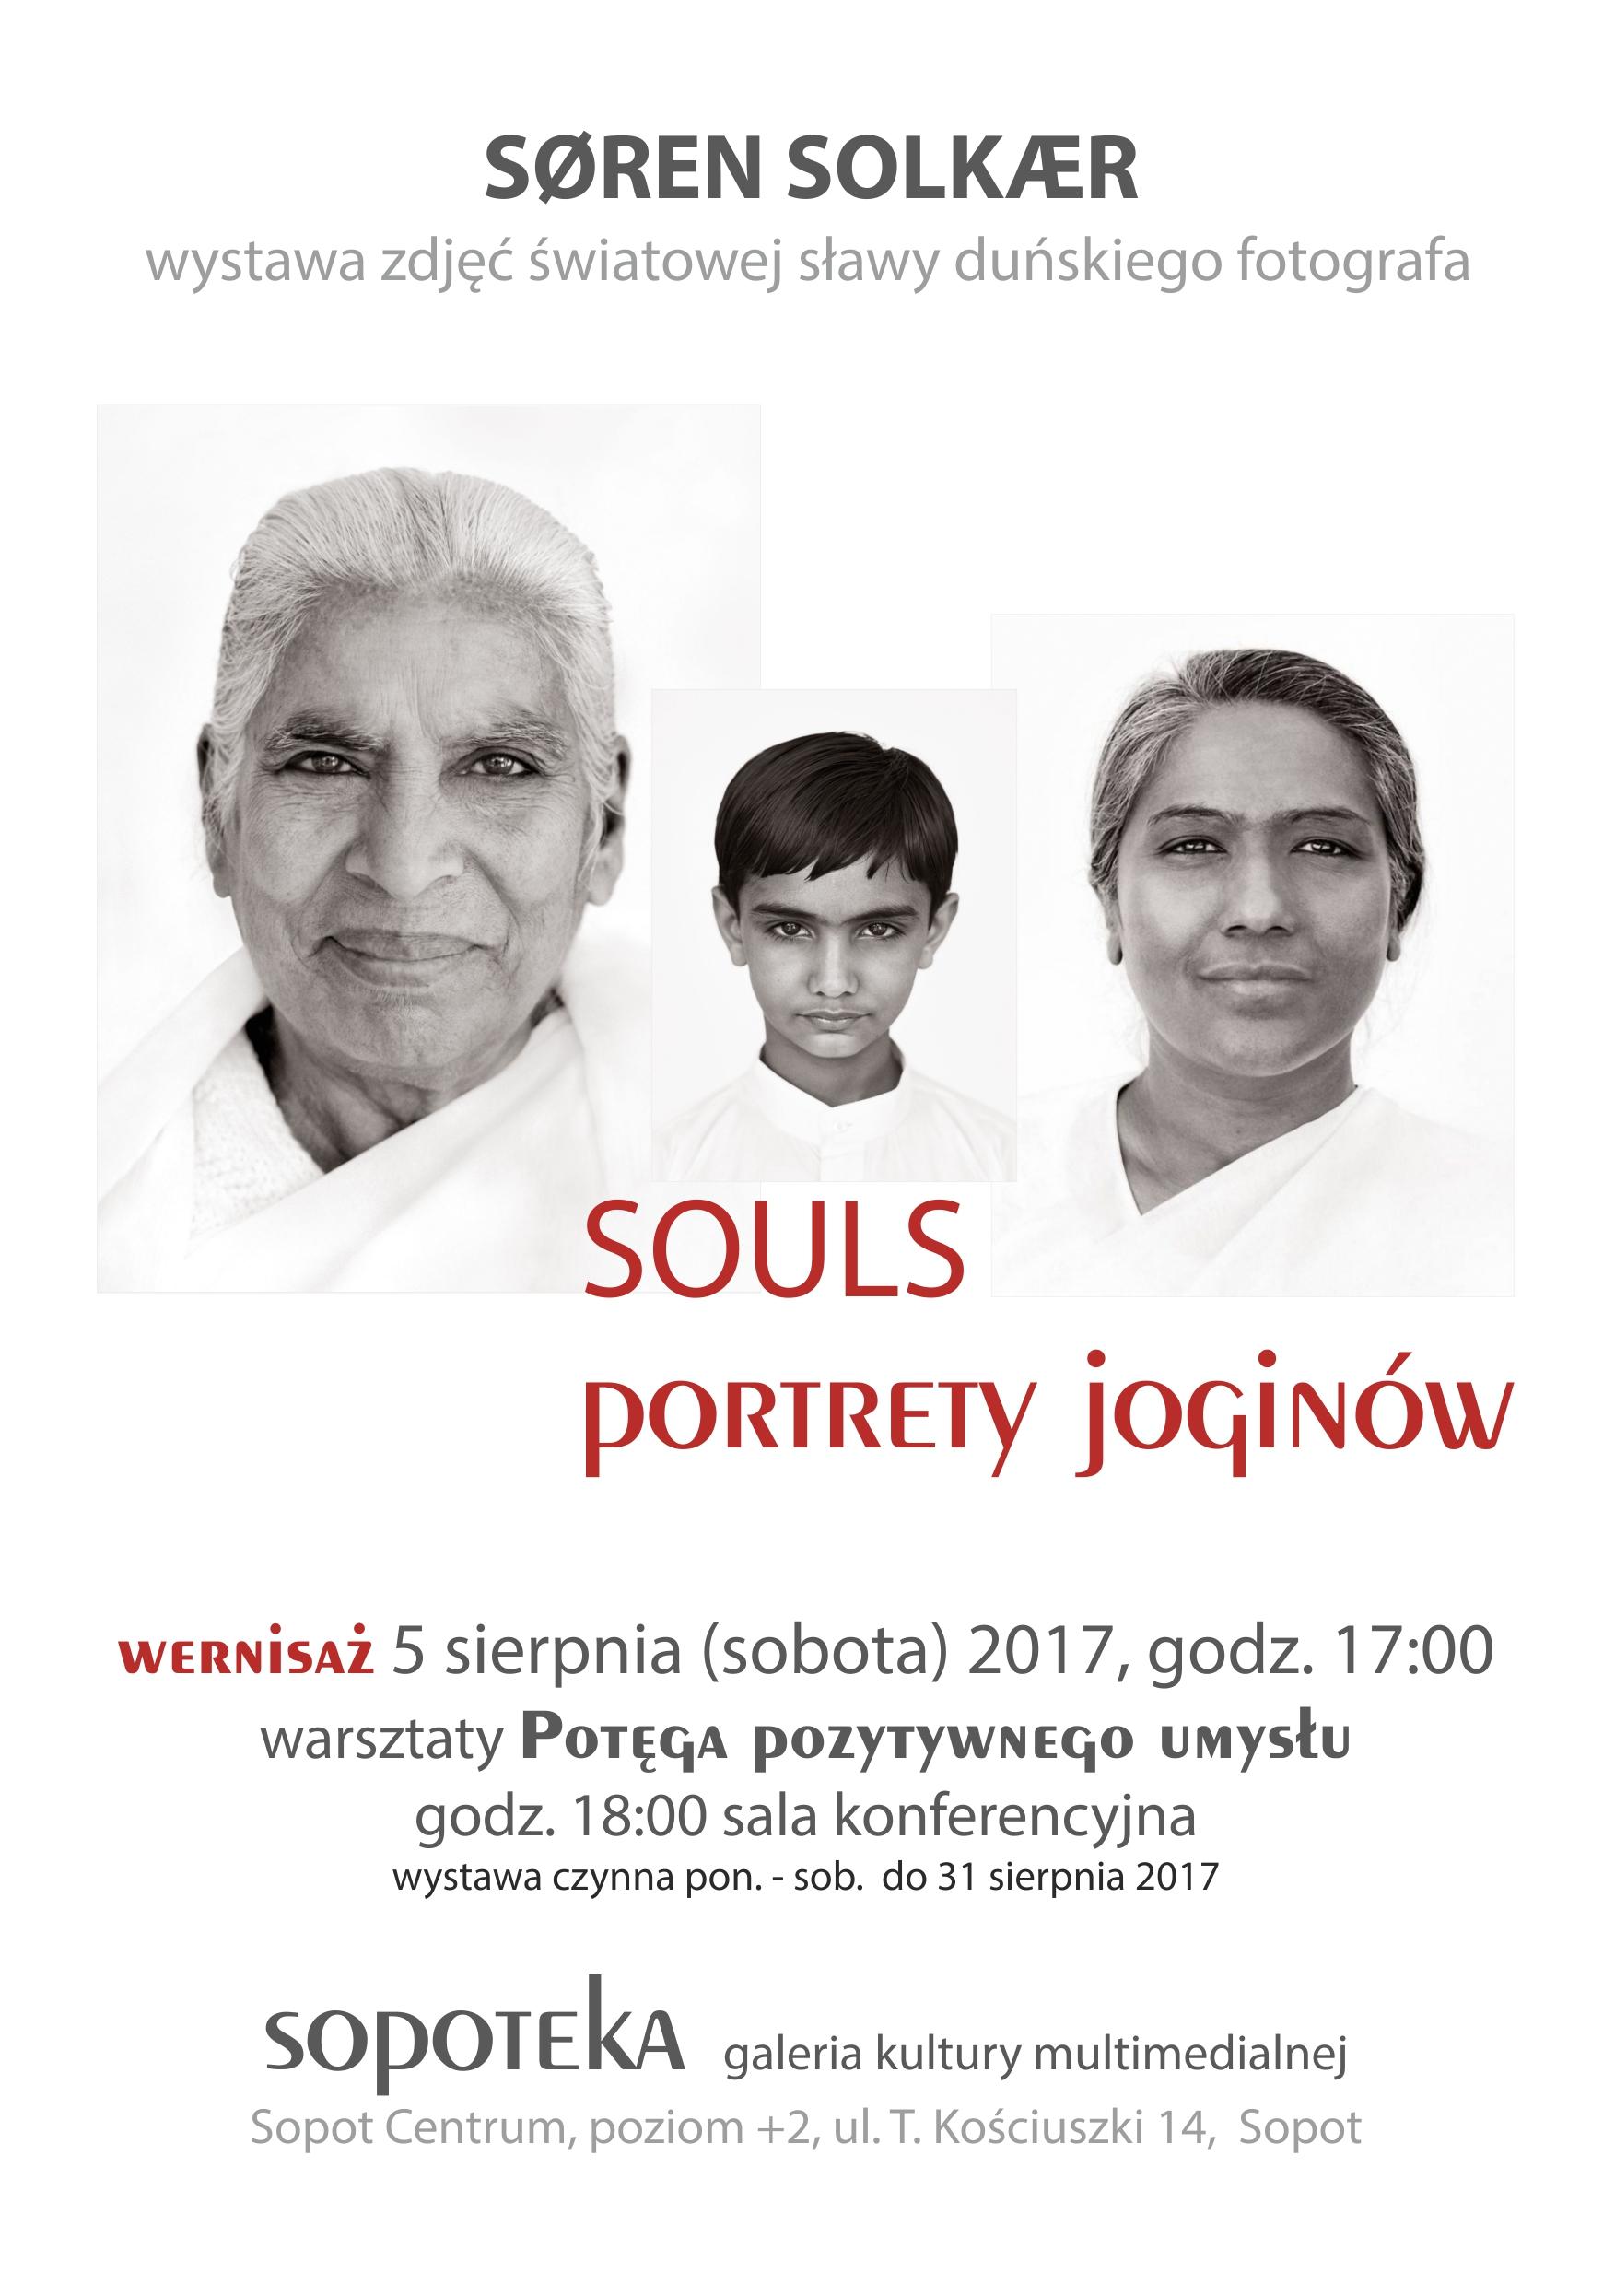 Wystawa zdjęć Sørena Solkæra SOULS, Portrety joginów - Wernisaż @ Sopoteka, Galeria Kultury Multimedialnej, poziom +2